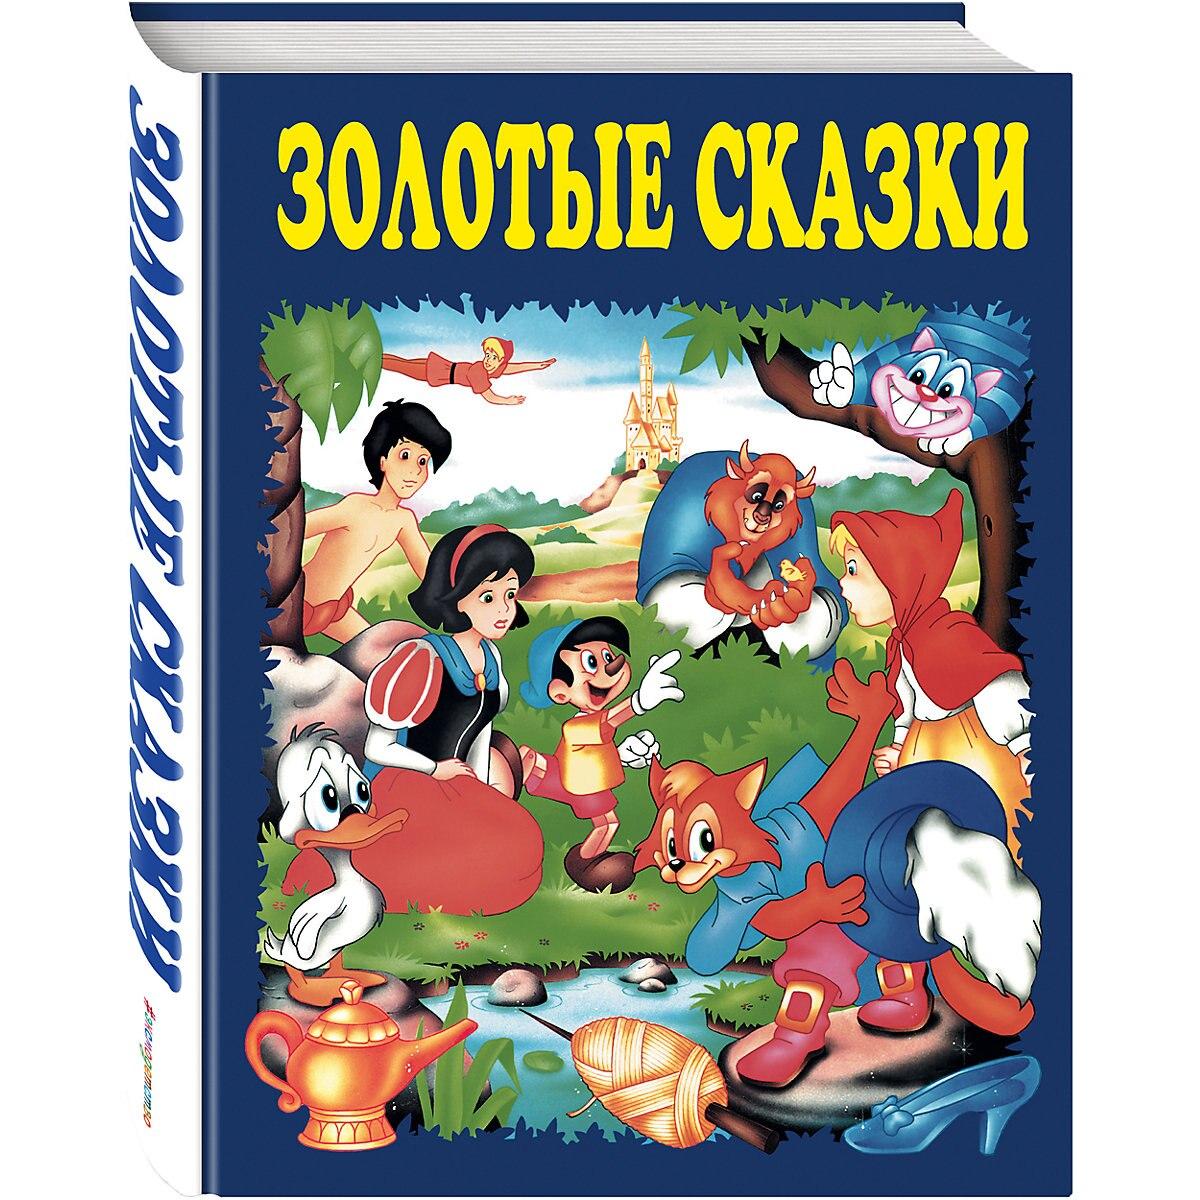 Bücher EKSMO 5535401 kinder bildung enzyklopädie alphabet wörterbuch buch für baby MTpromo